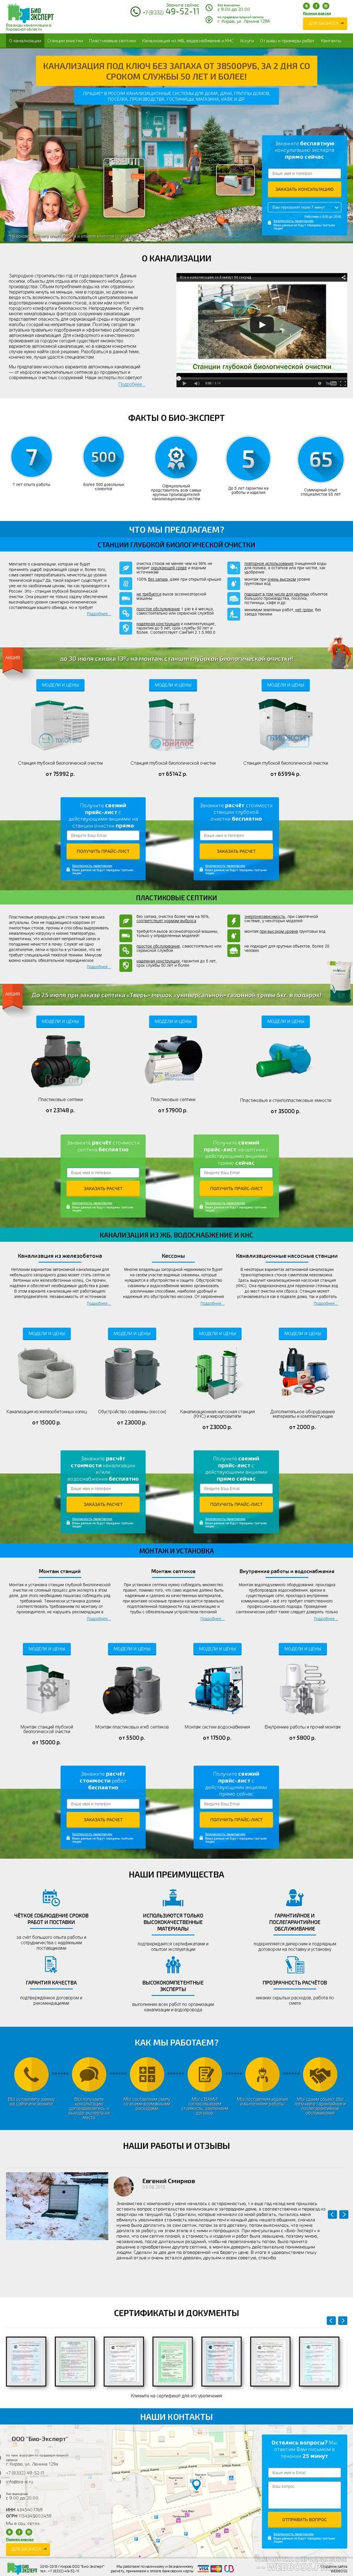 Создание сайта: Сайт продажи канализационных систем (после)